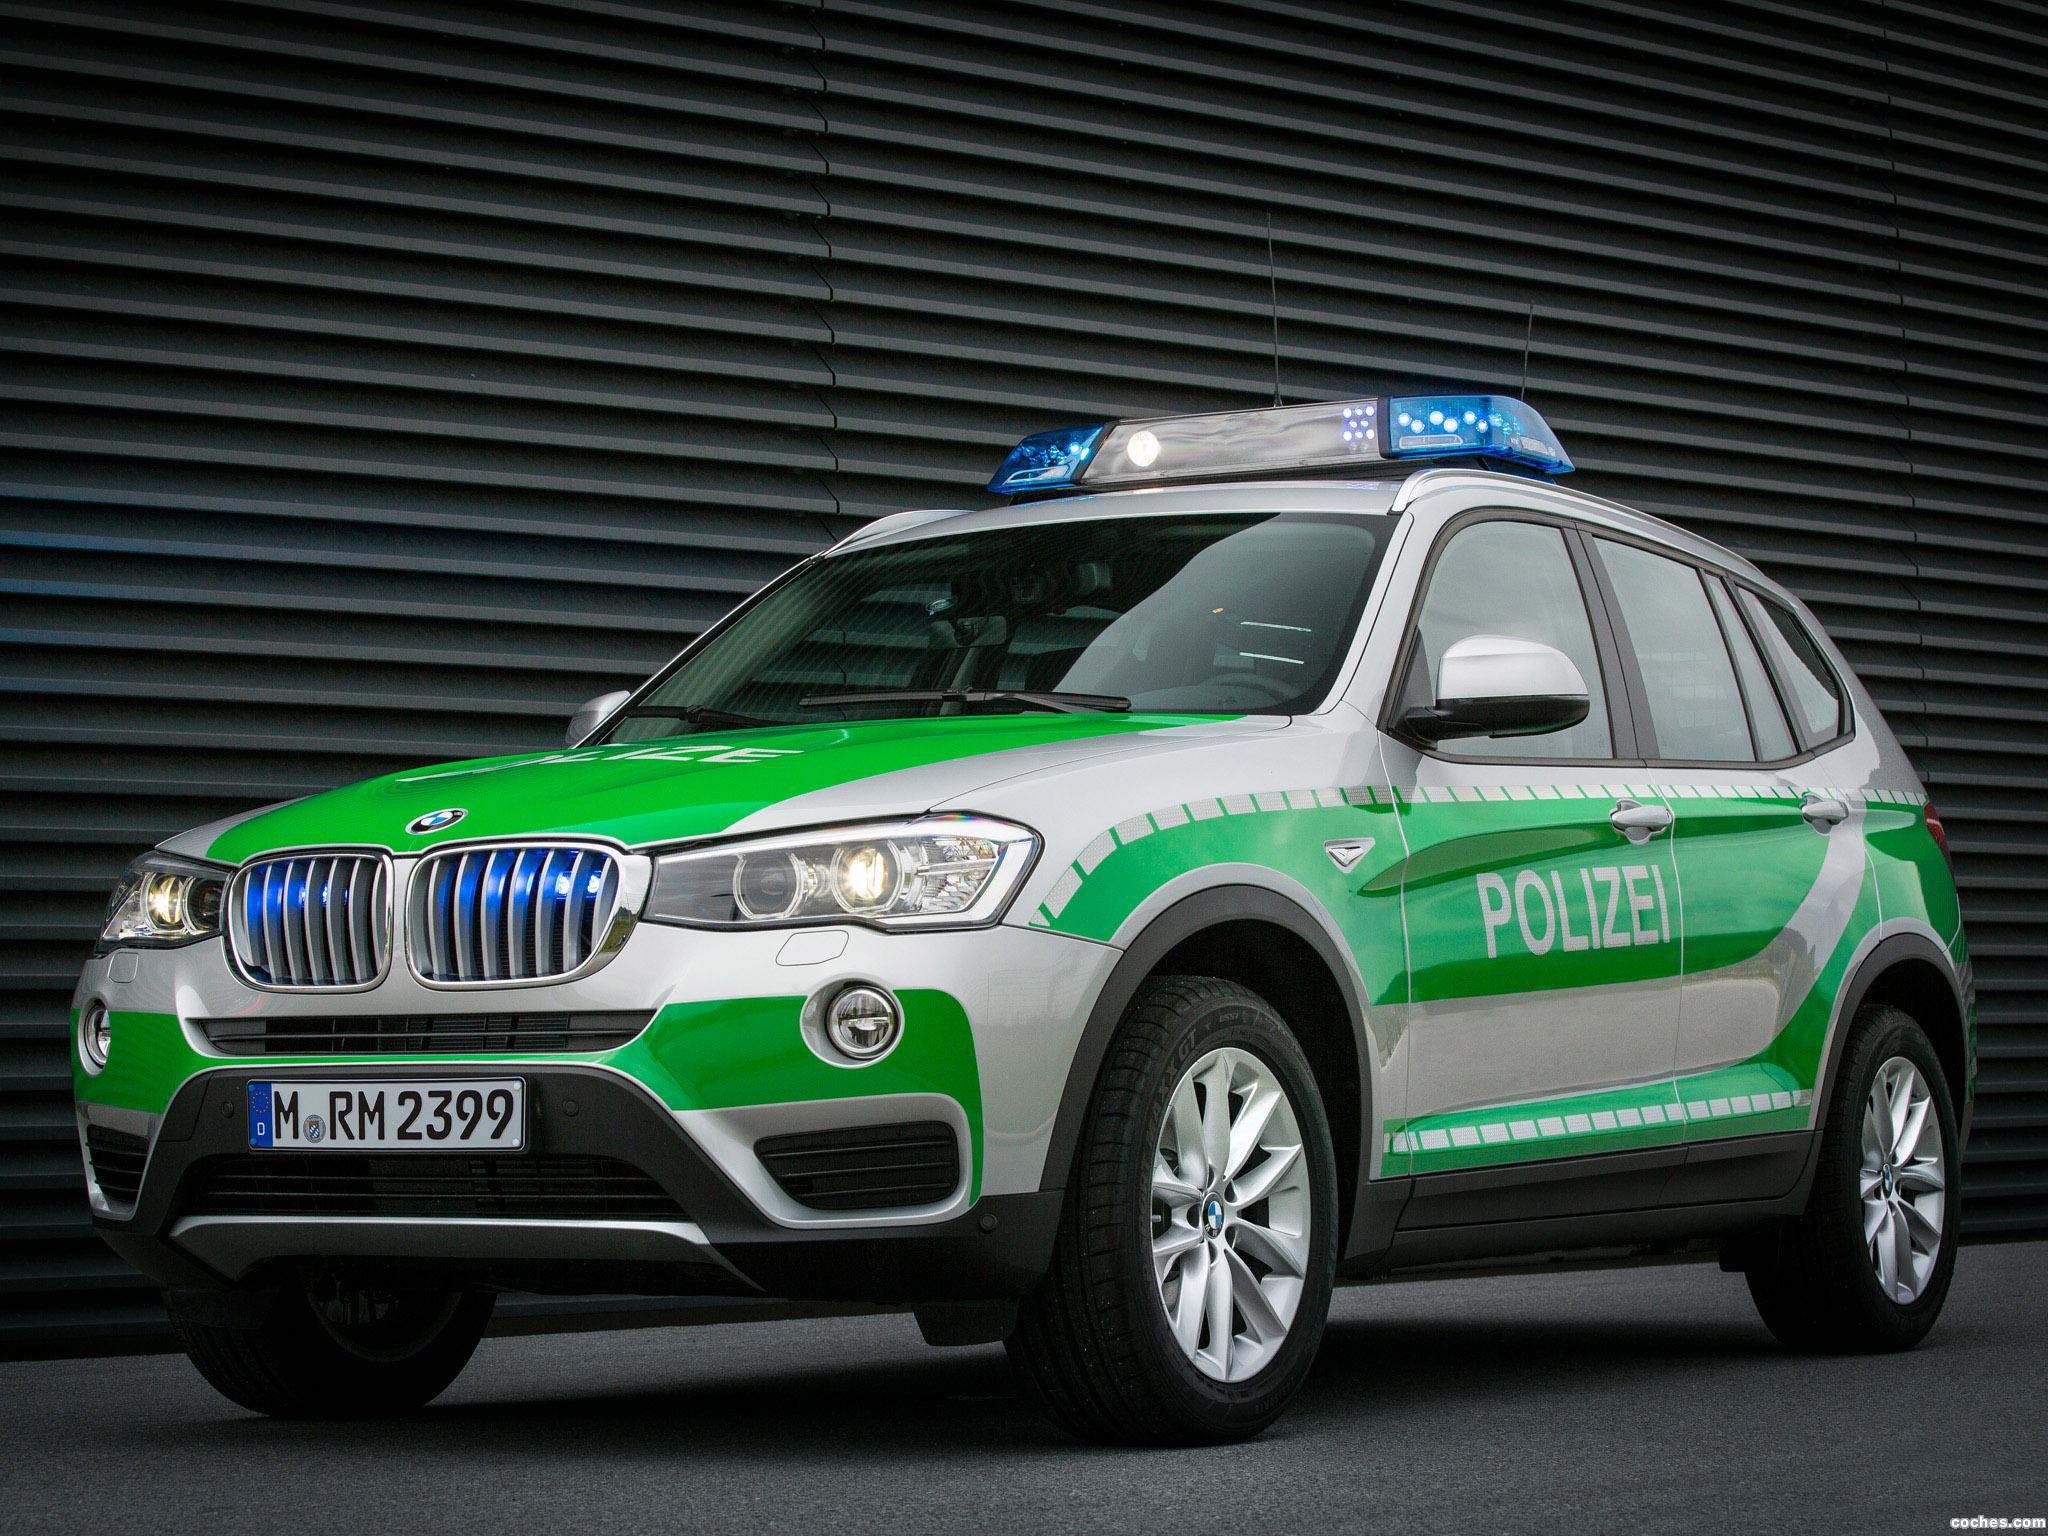 Foto 1 de BMW X3 Polizei F25 2014